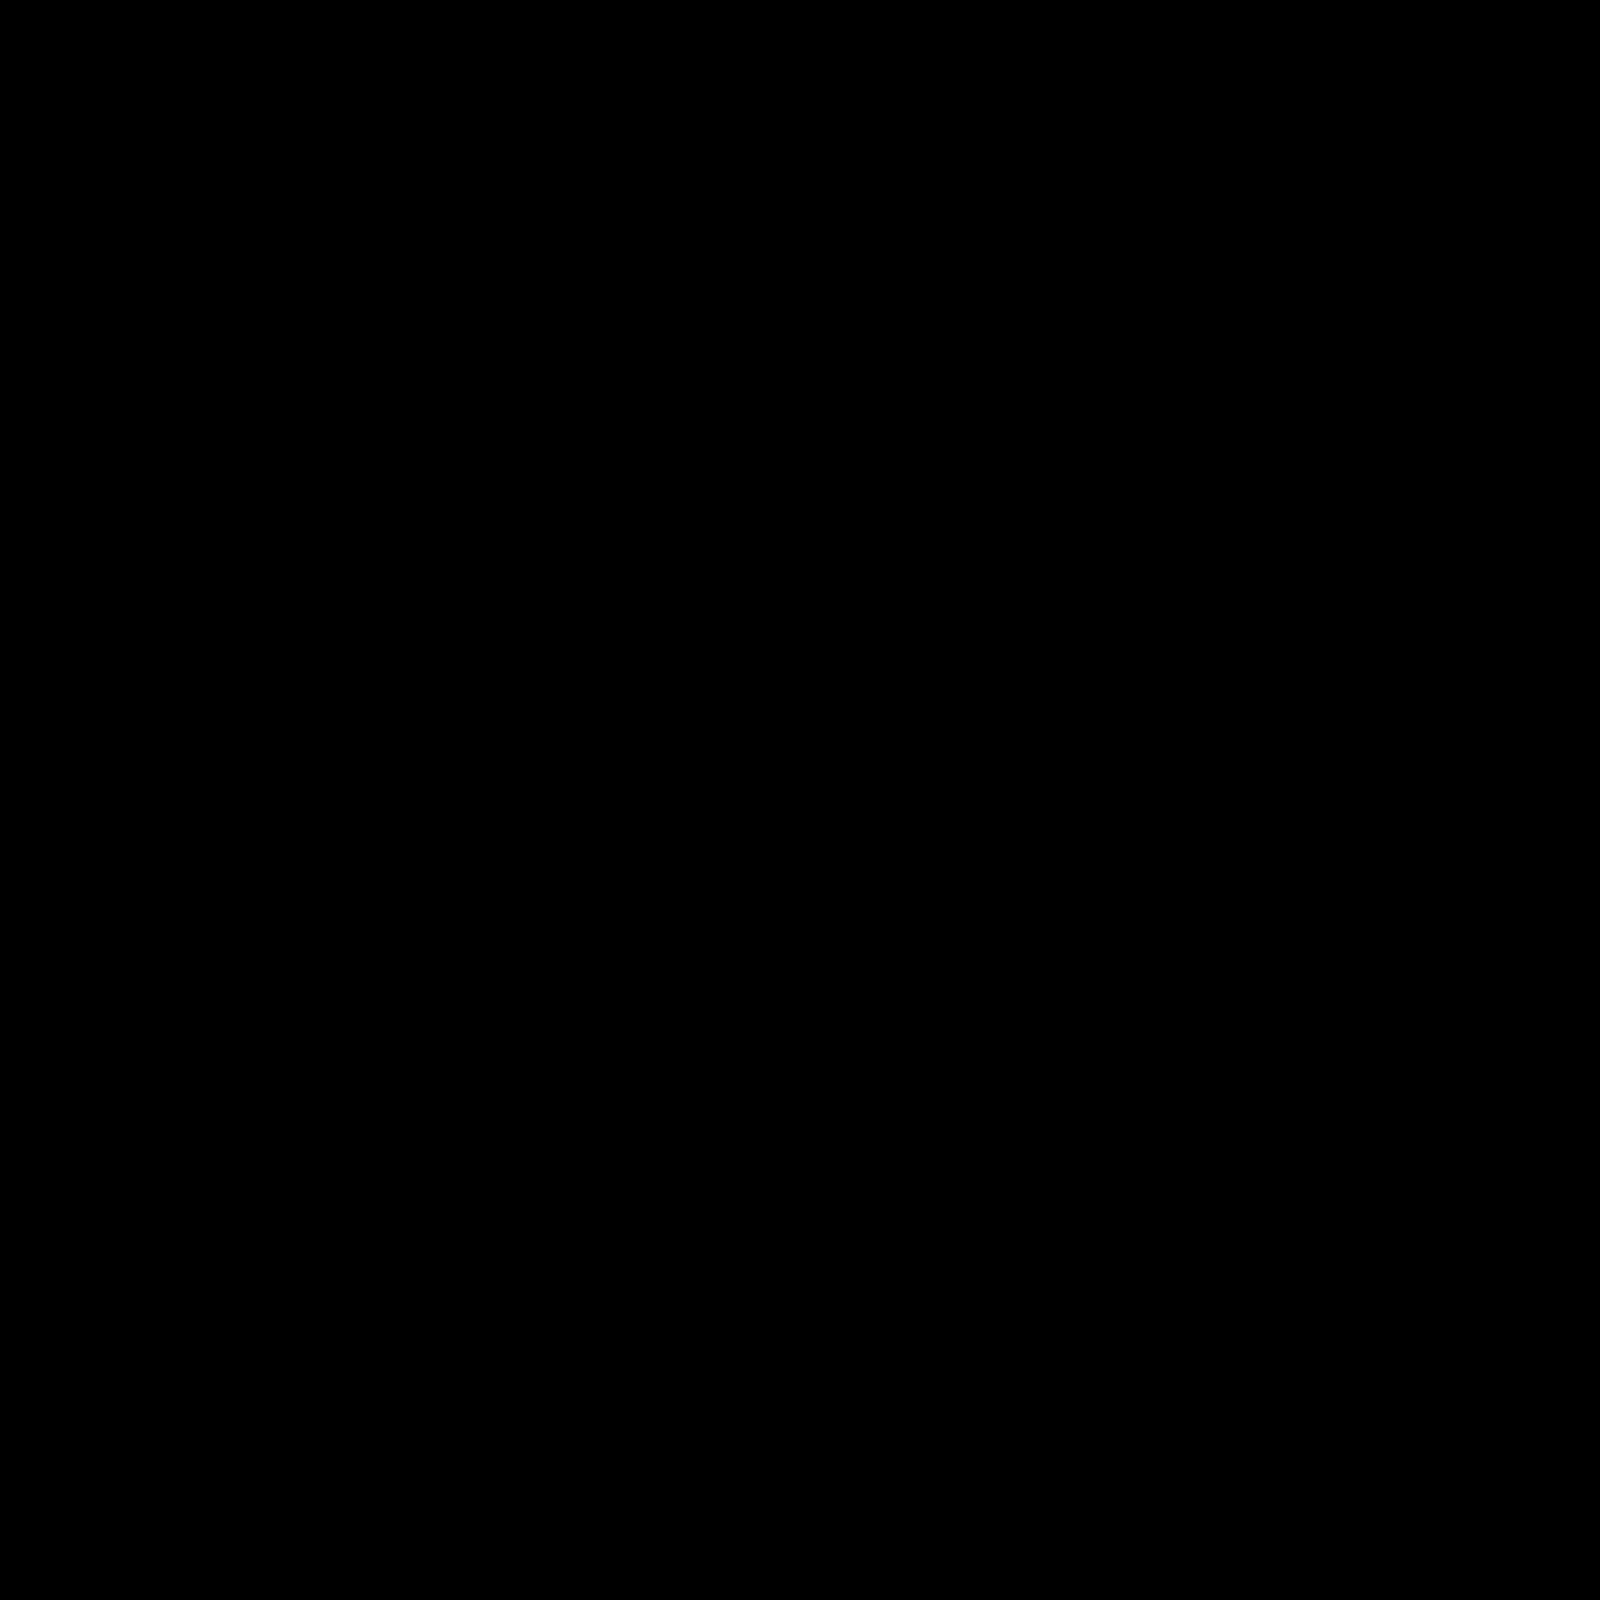 キャンセル icon. The icon is a common symbol for expressing denial of permission. It consists of a circle with a large X in the center of it, symbolizing the cancellation of an already-running action.